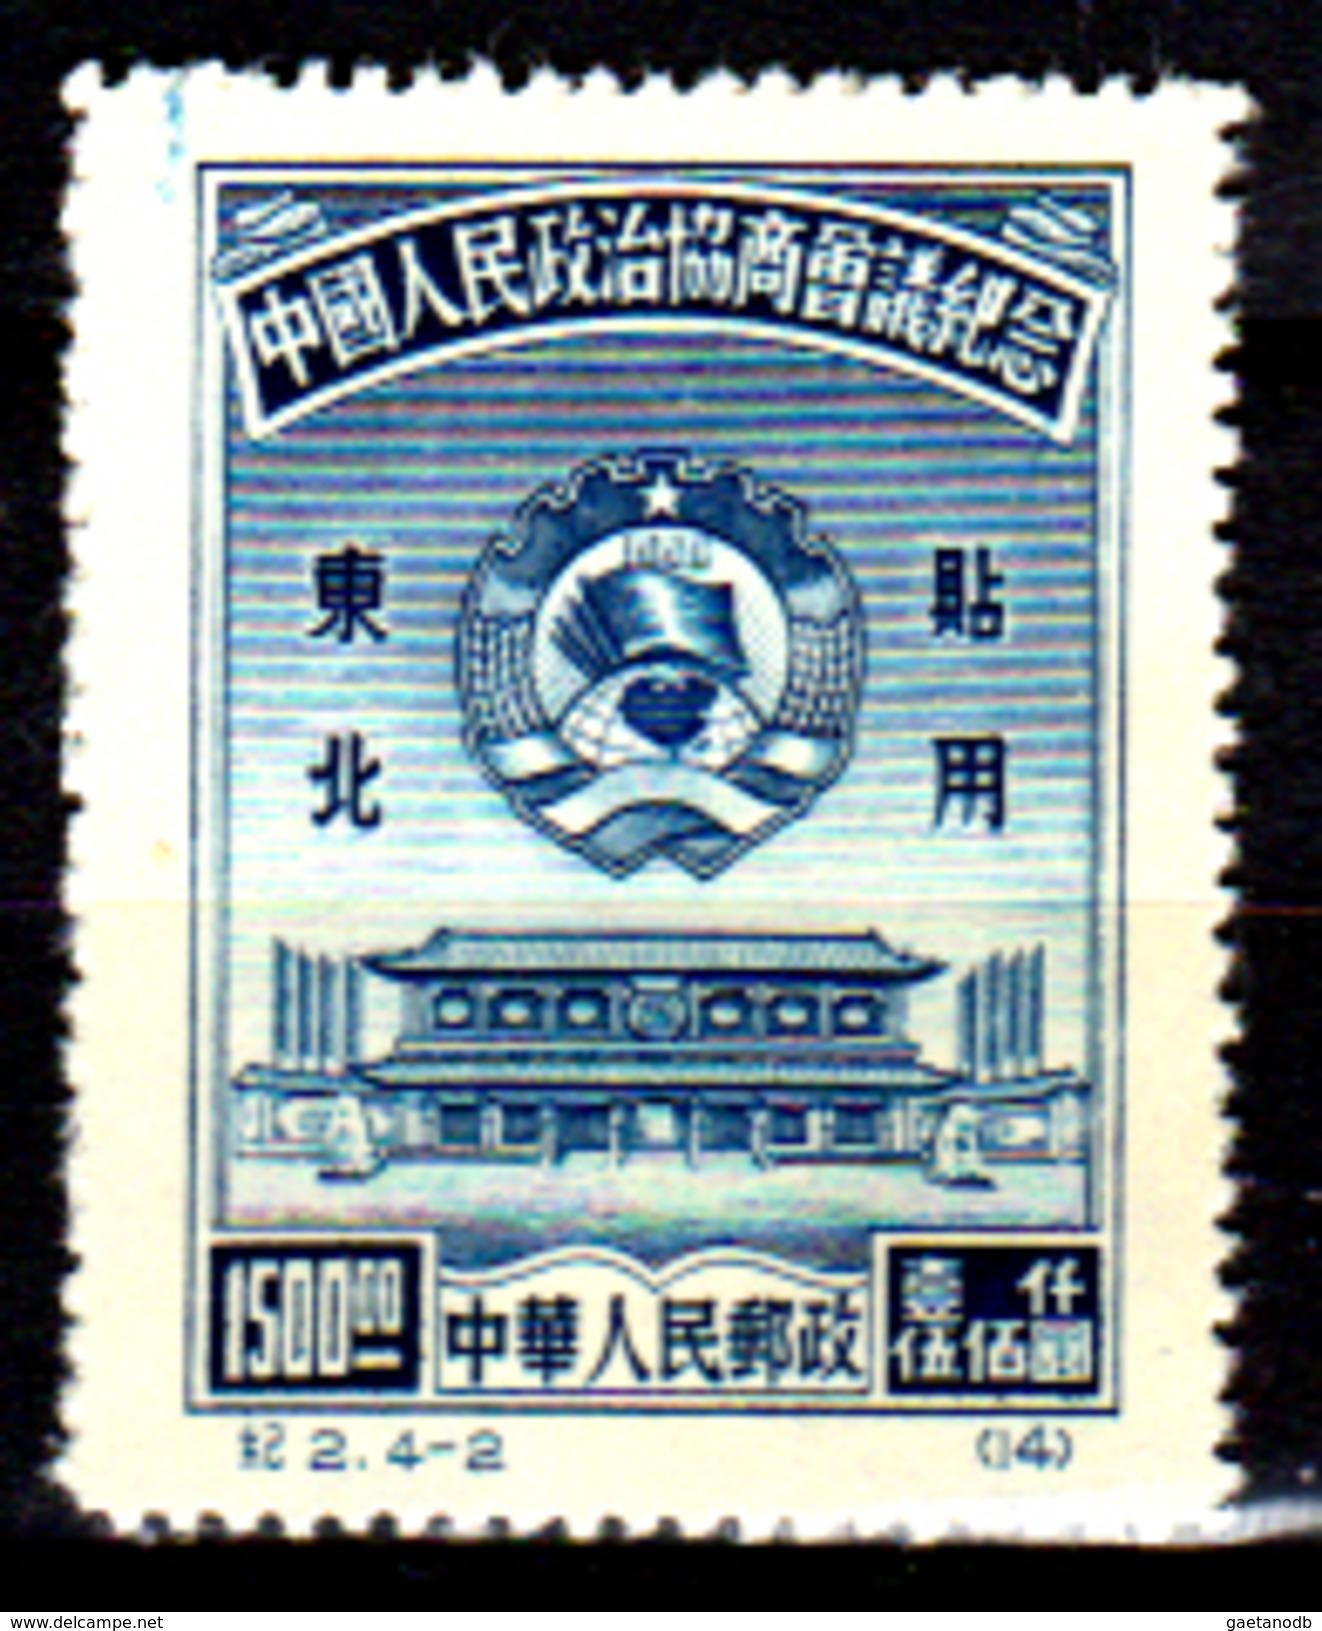 Cina-F-687 - Cina Del Nord-Est 1949: Michel N. 159.I - Senza Difetti Occulti. - Noordoost-China 1946-48